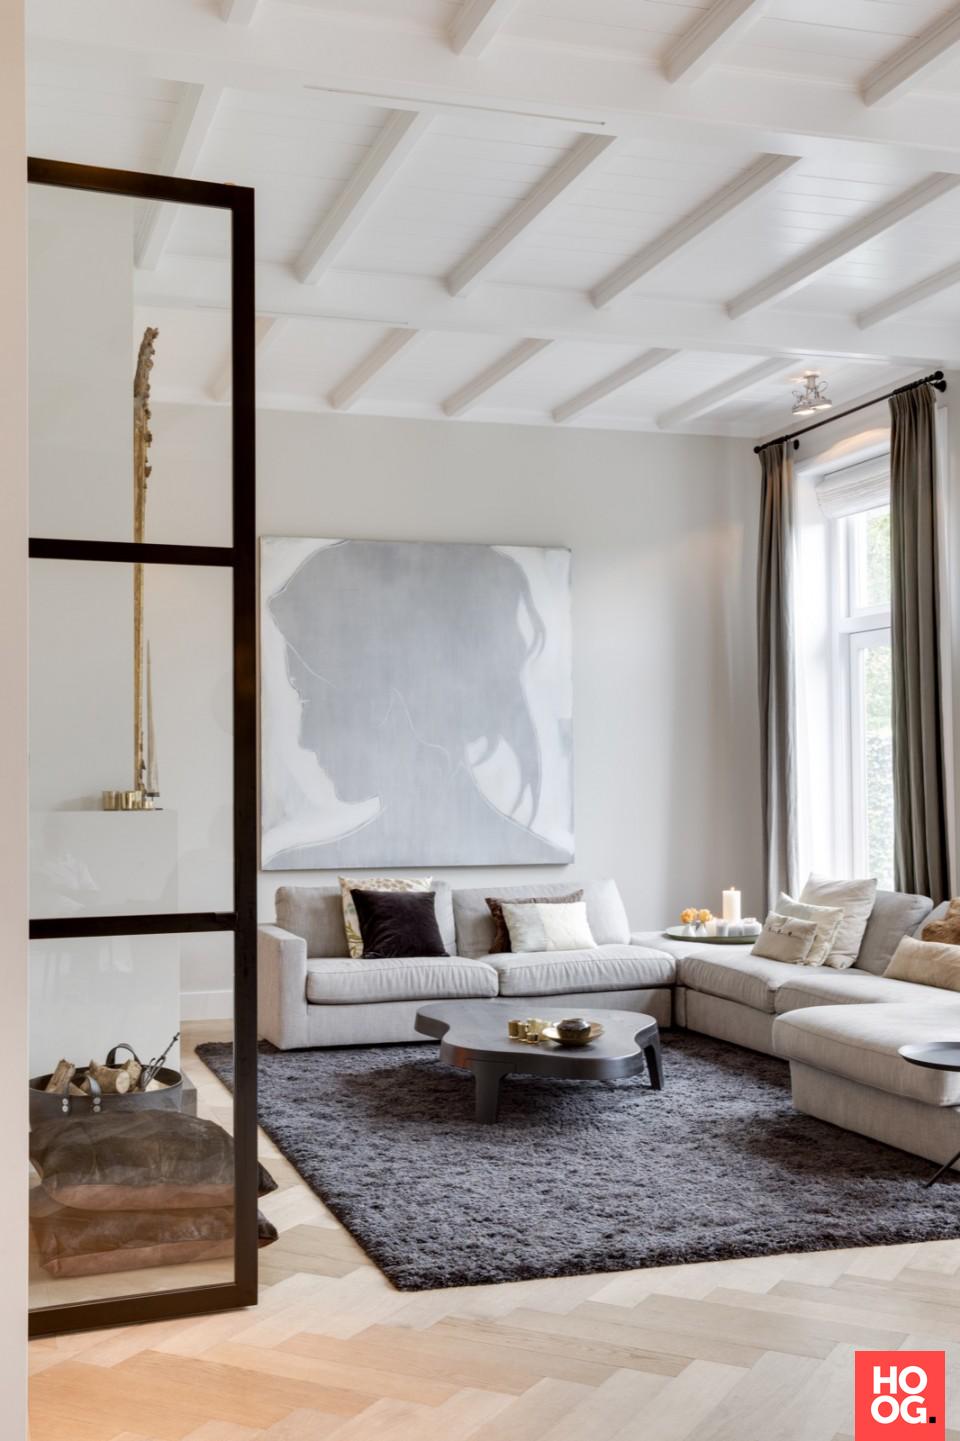 Luxe zitbank in woonkamer inrichting - woonkamer | Pinterest - Luxe ...